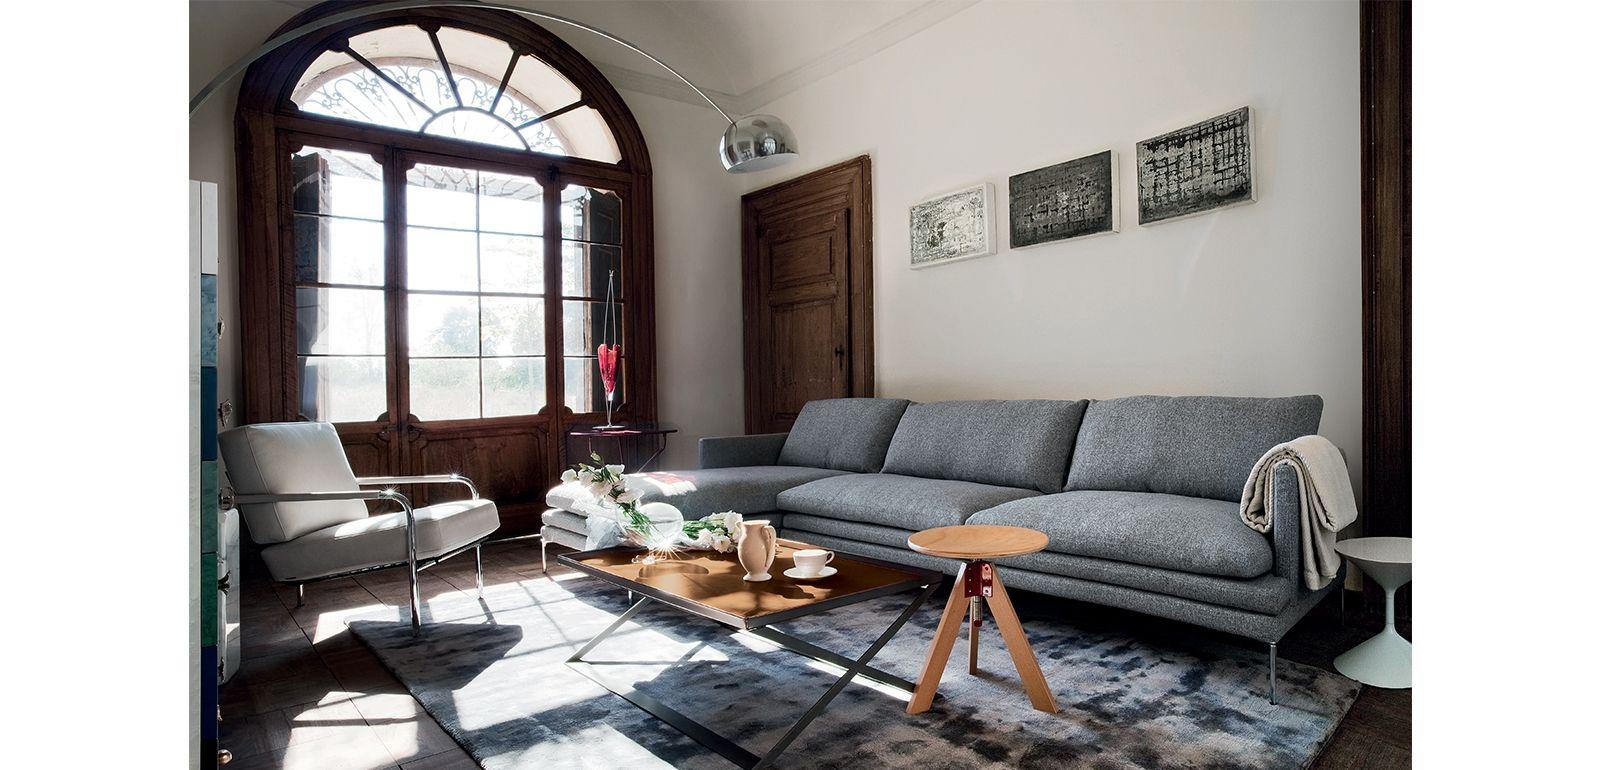 Meuble design pour l 39 habitat mobilier pour la maison for Canape william